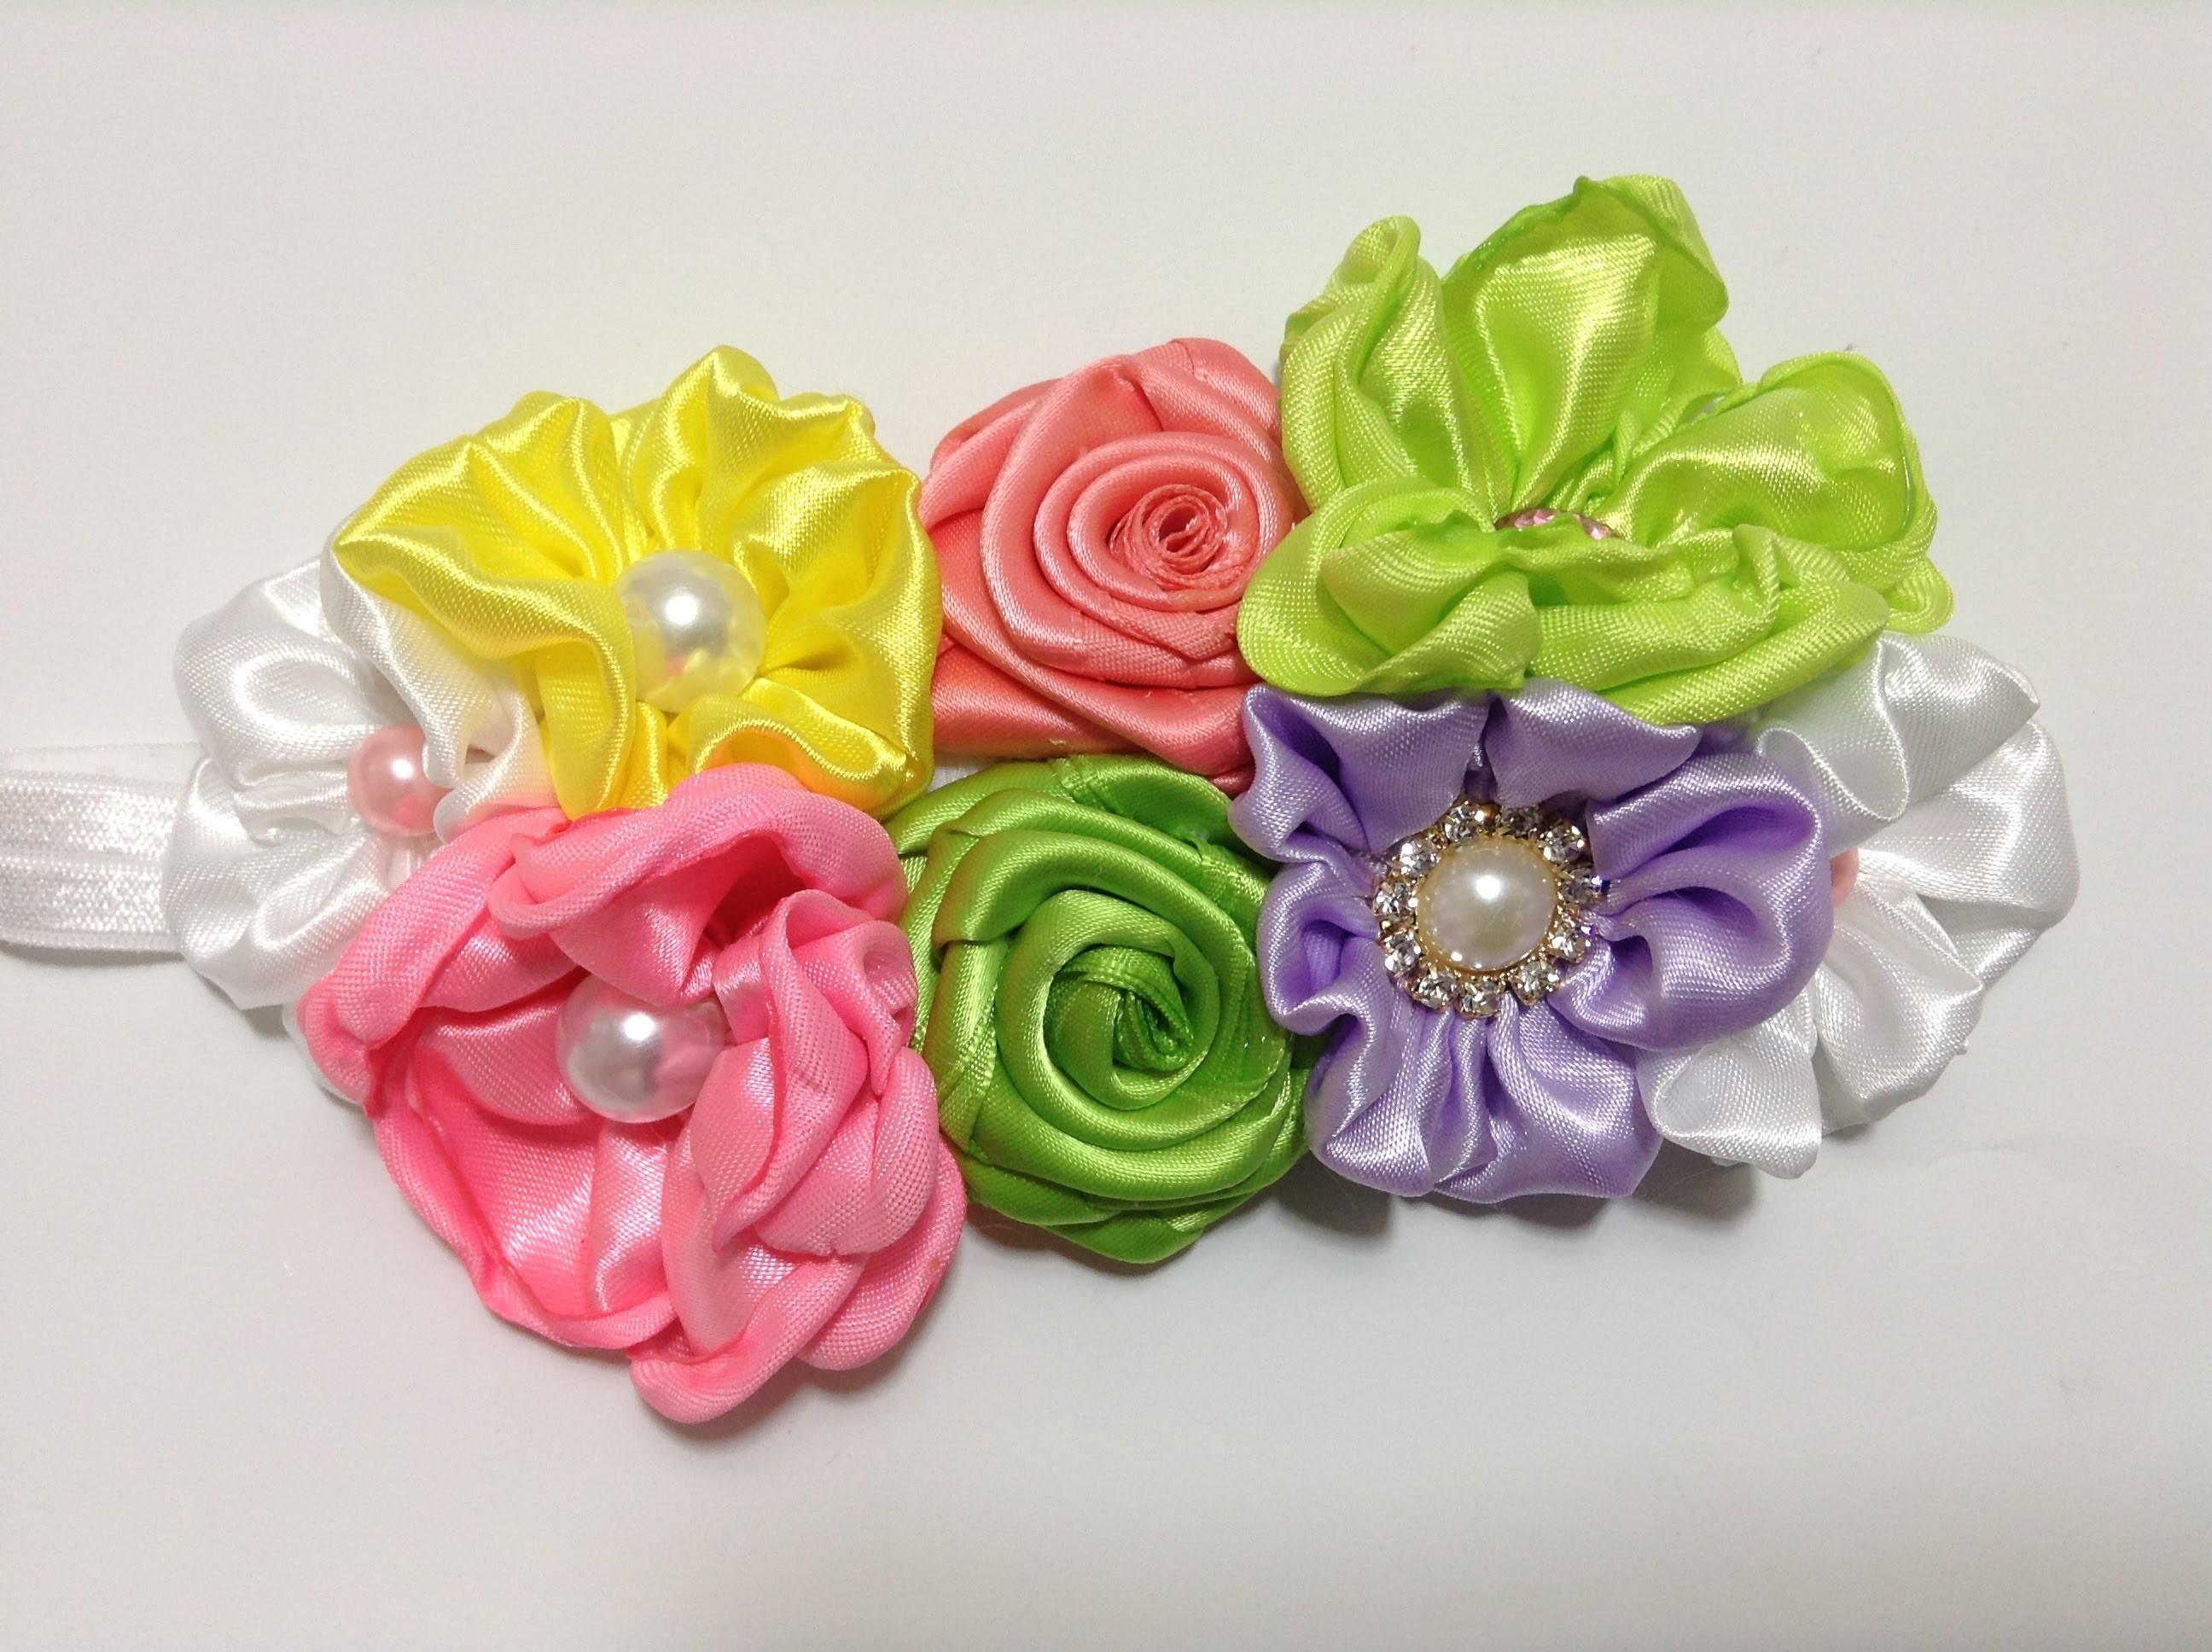 Tiara de flores de tela de razo (satin) VIDEO No. 293